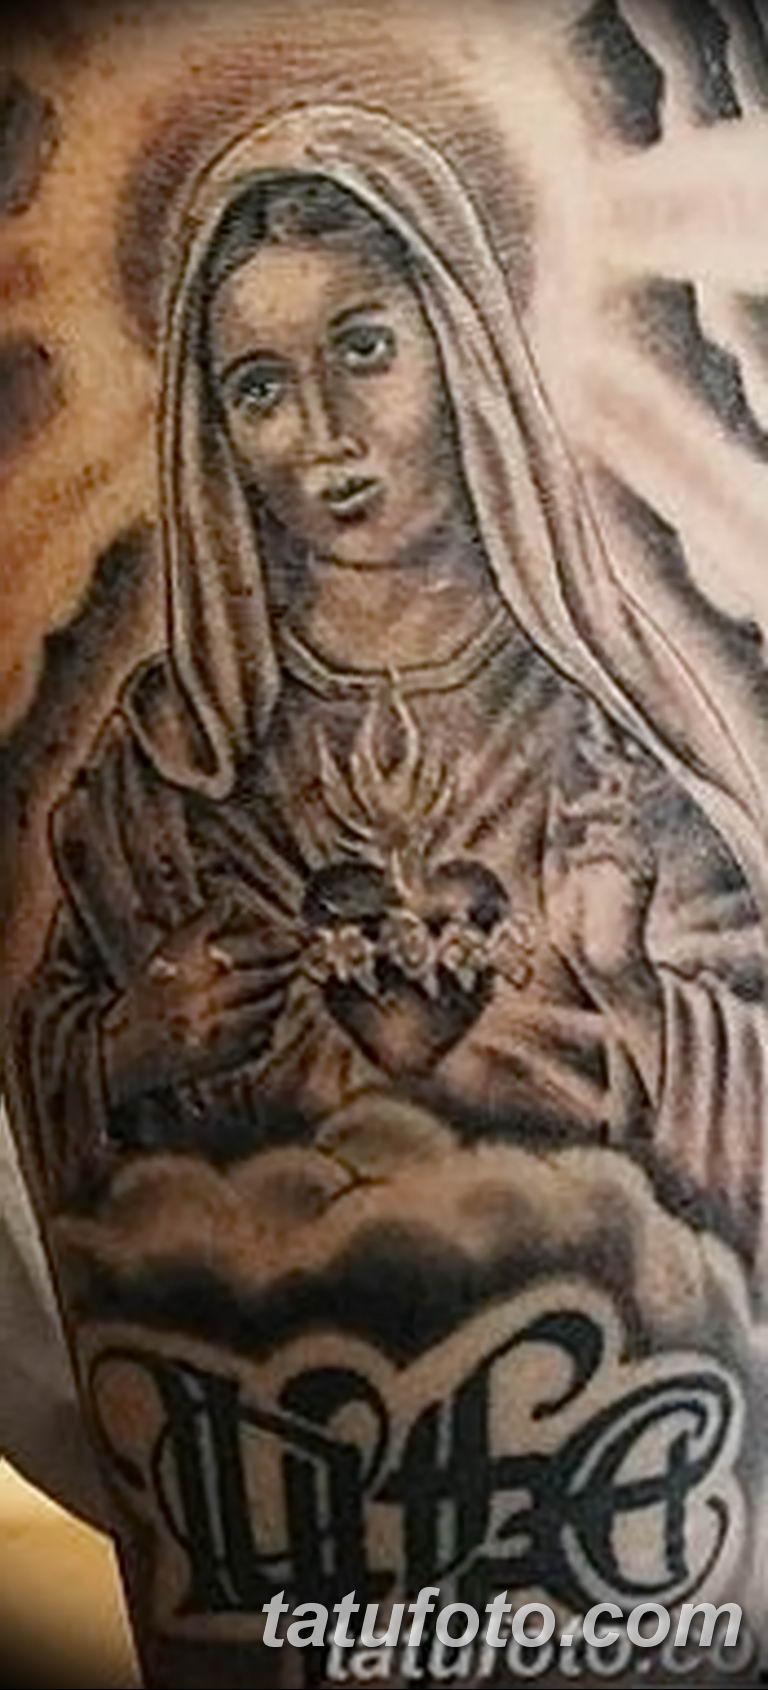 Фото тату икона святого 29.06.2019 №079 - tattoo icon of saint - tatufoto.com